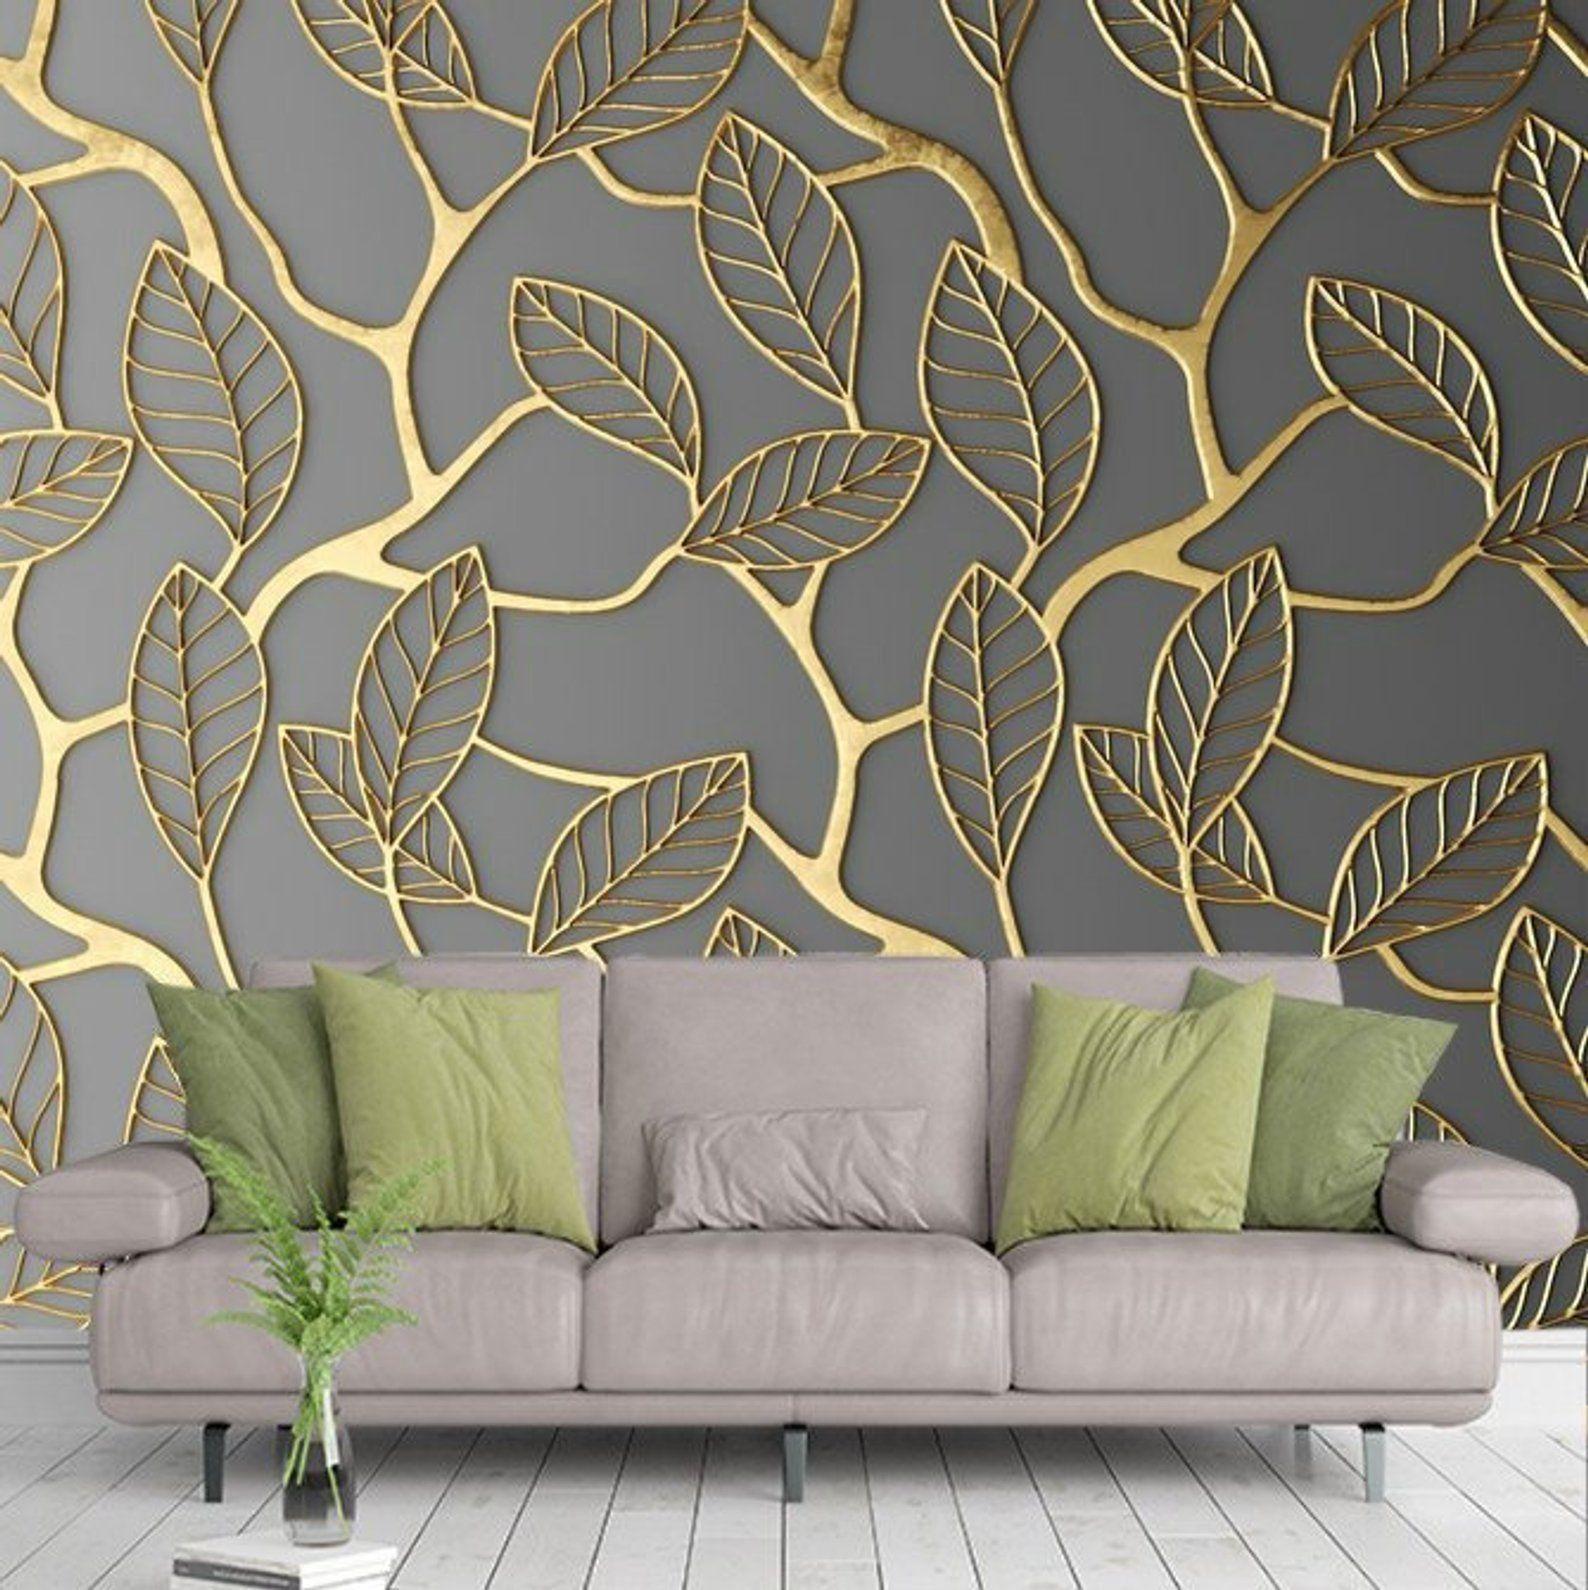 Photo Wallpaper Wall Murals Golden Leaves WallPainting